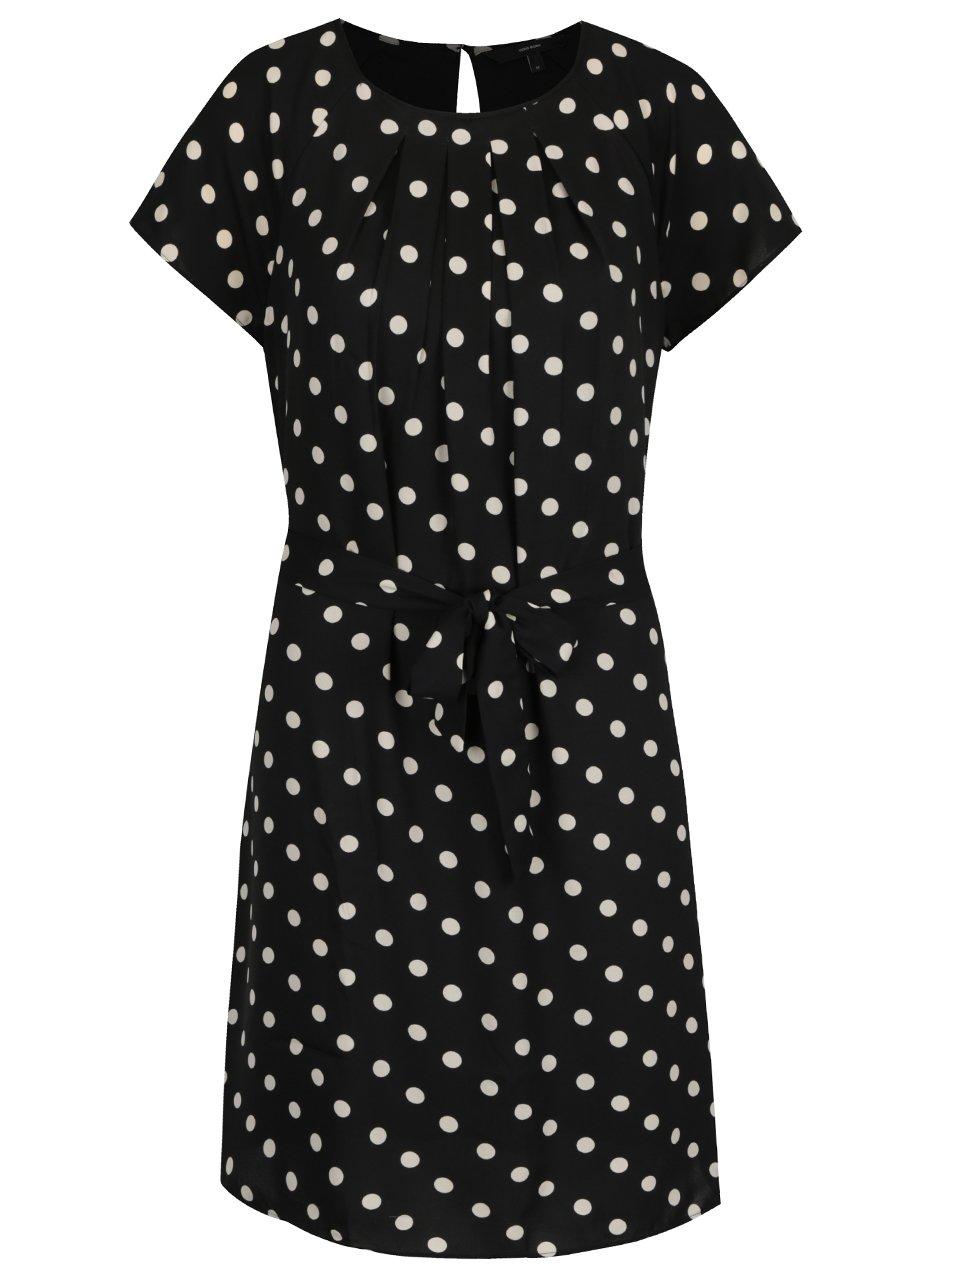 Krémovo-černé puntíkované šaty Vero Moda Nelli